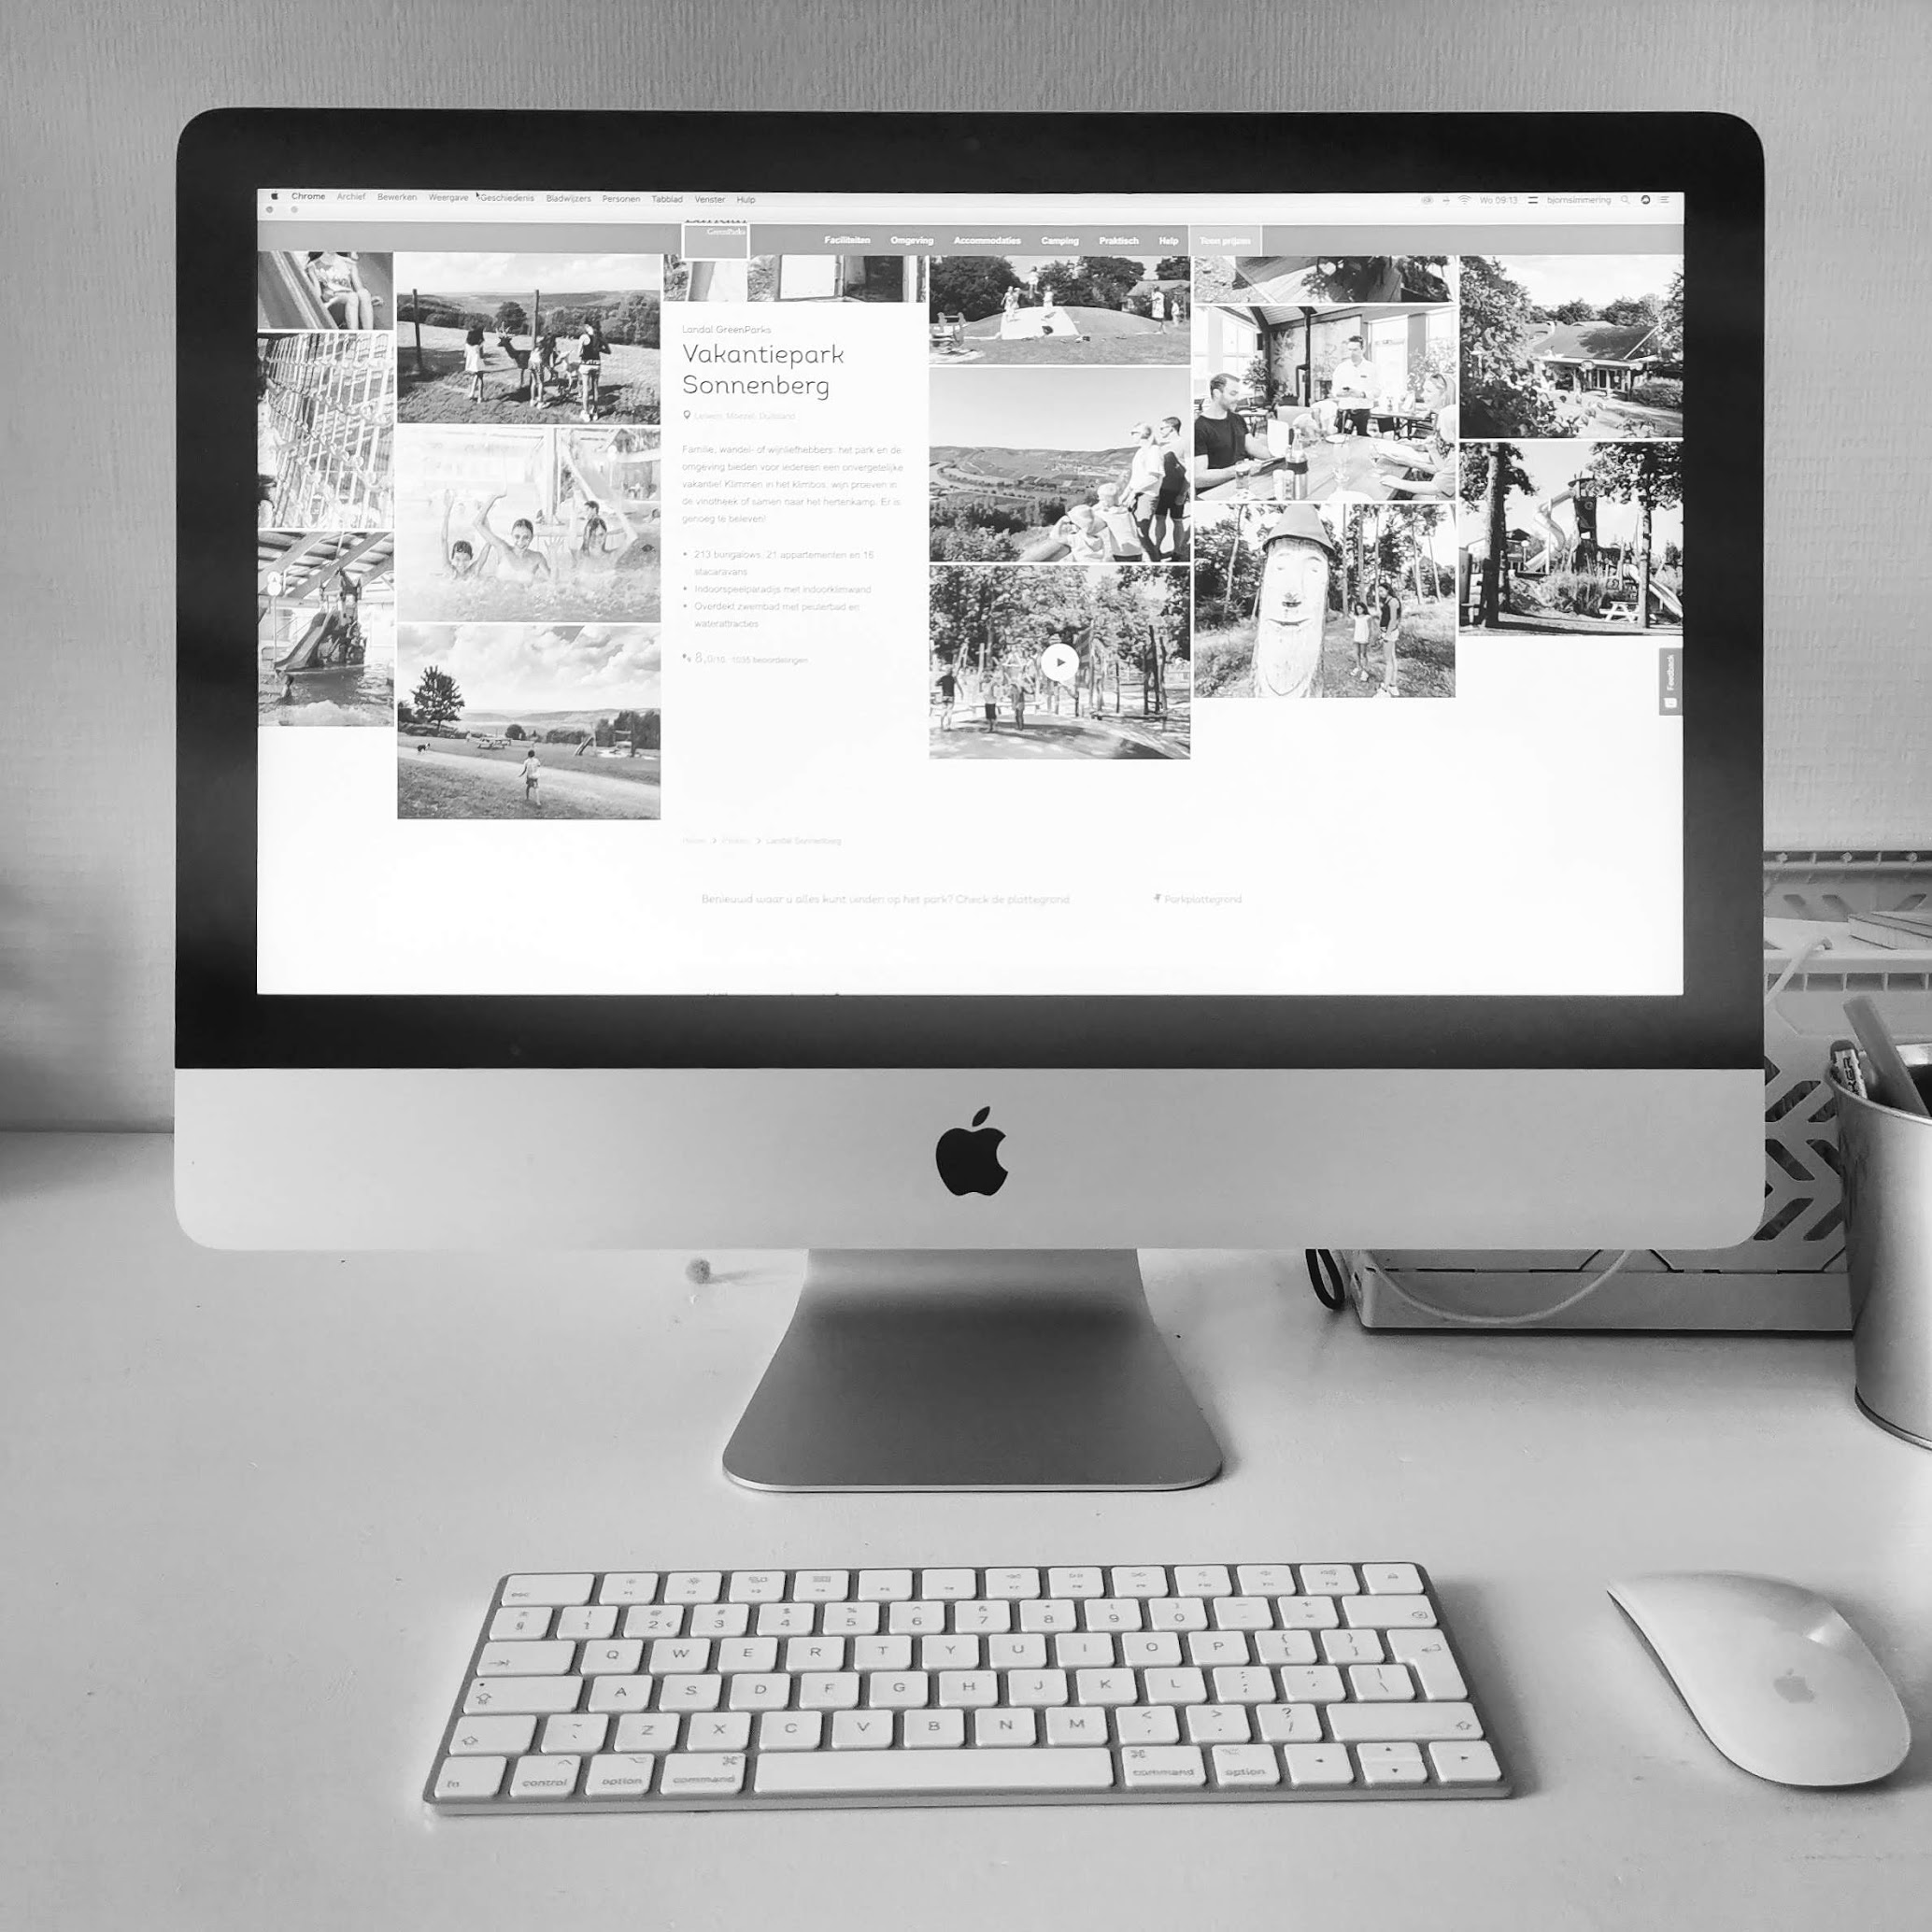 een travel blog maken, hoe doe je dat